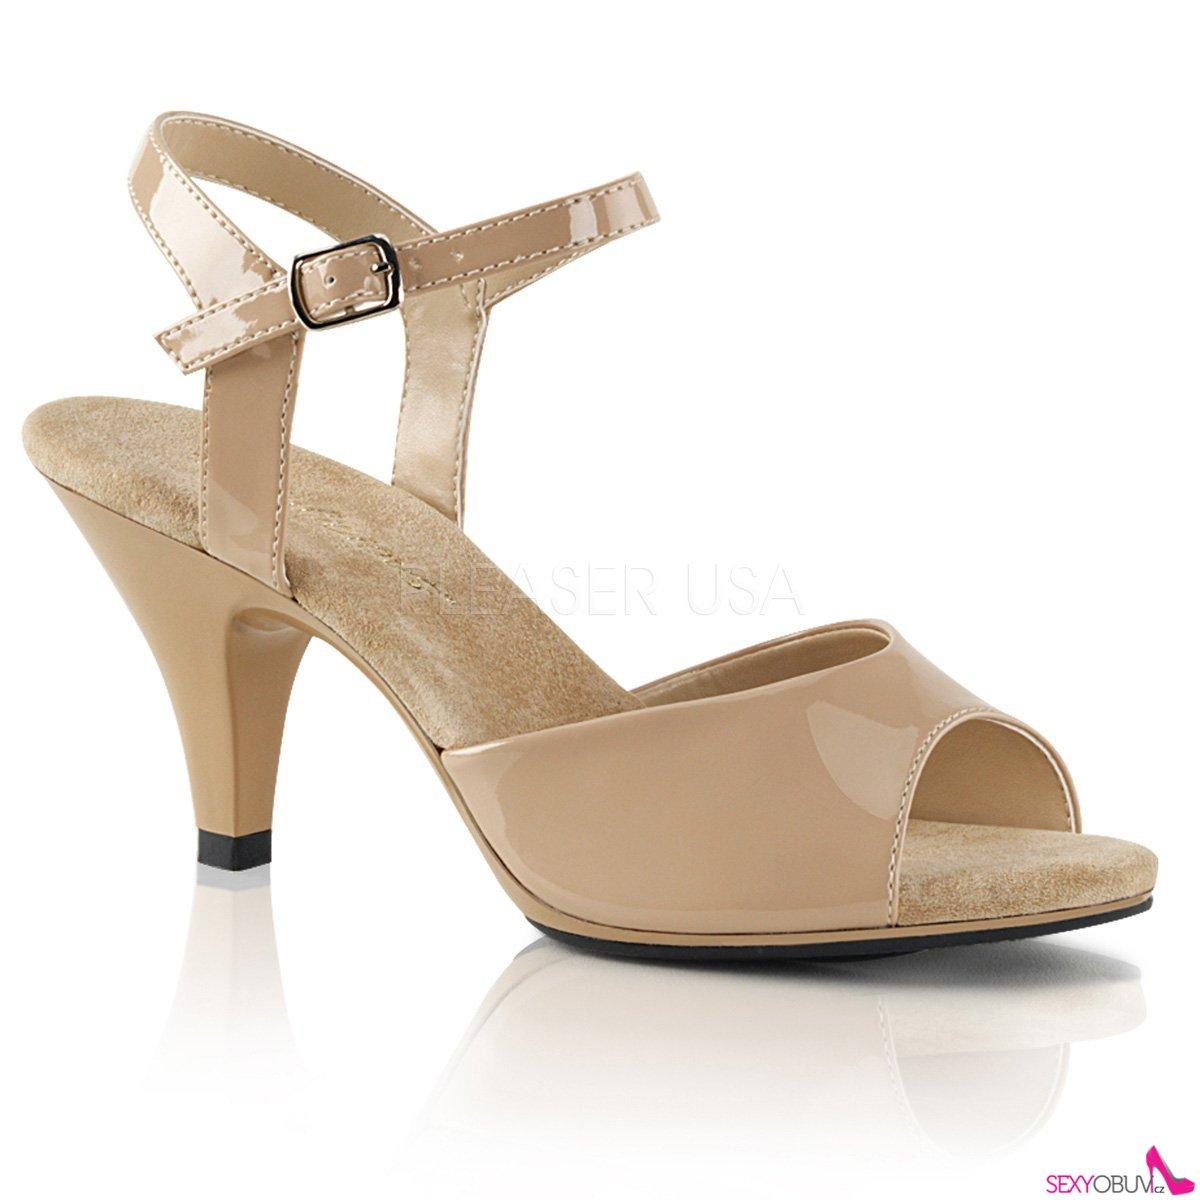 a768efb7bedee BELLE-309 Béžové sandály na nižším podpatku | sexyobuv.cz